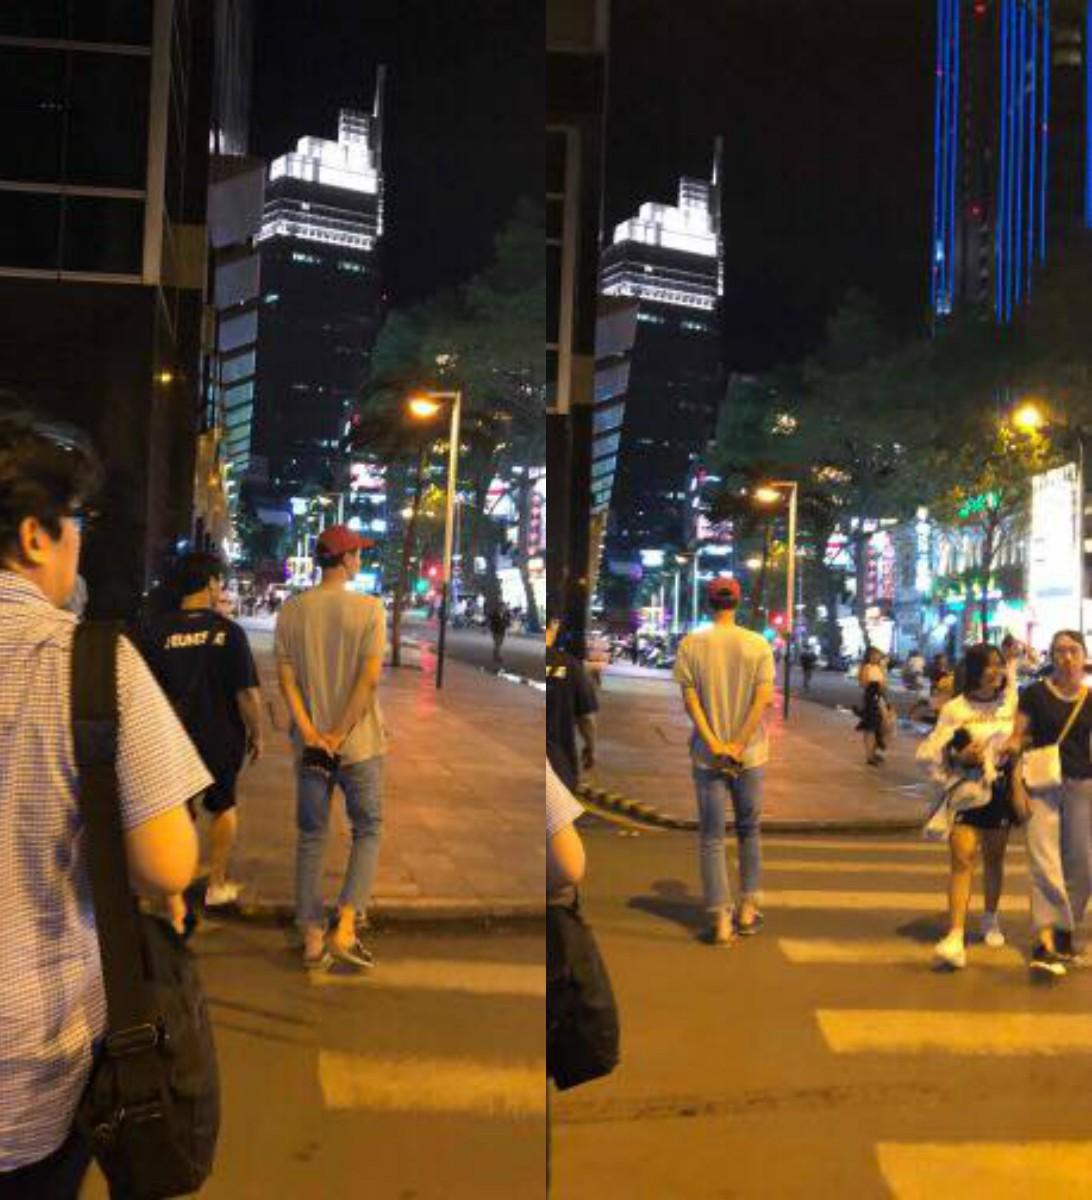 Tài tử Jo In Sung dạo phố Việt Nam: Đi dép lào, dáng đứng Bến Tre nhưng vẫn khiến fan vỡ tim vì ngoại hình - Ảnh 3.